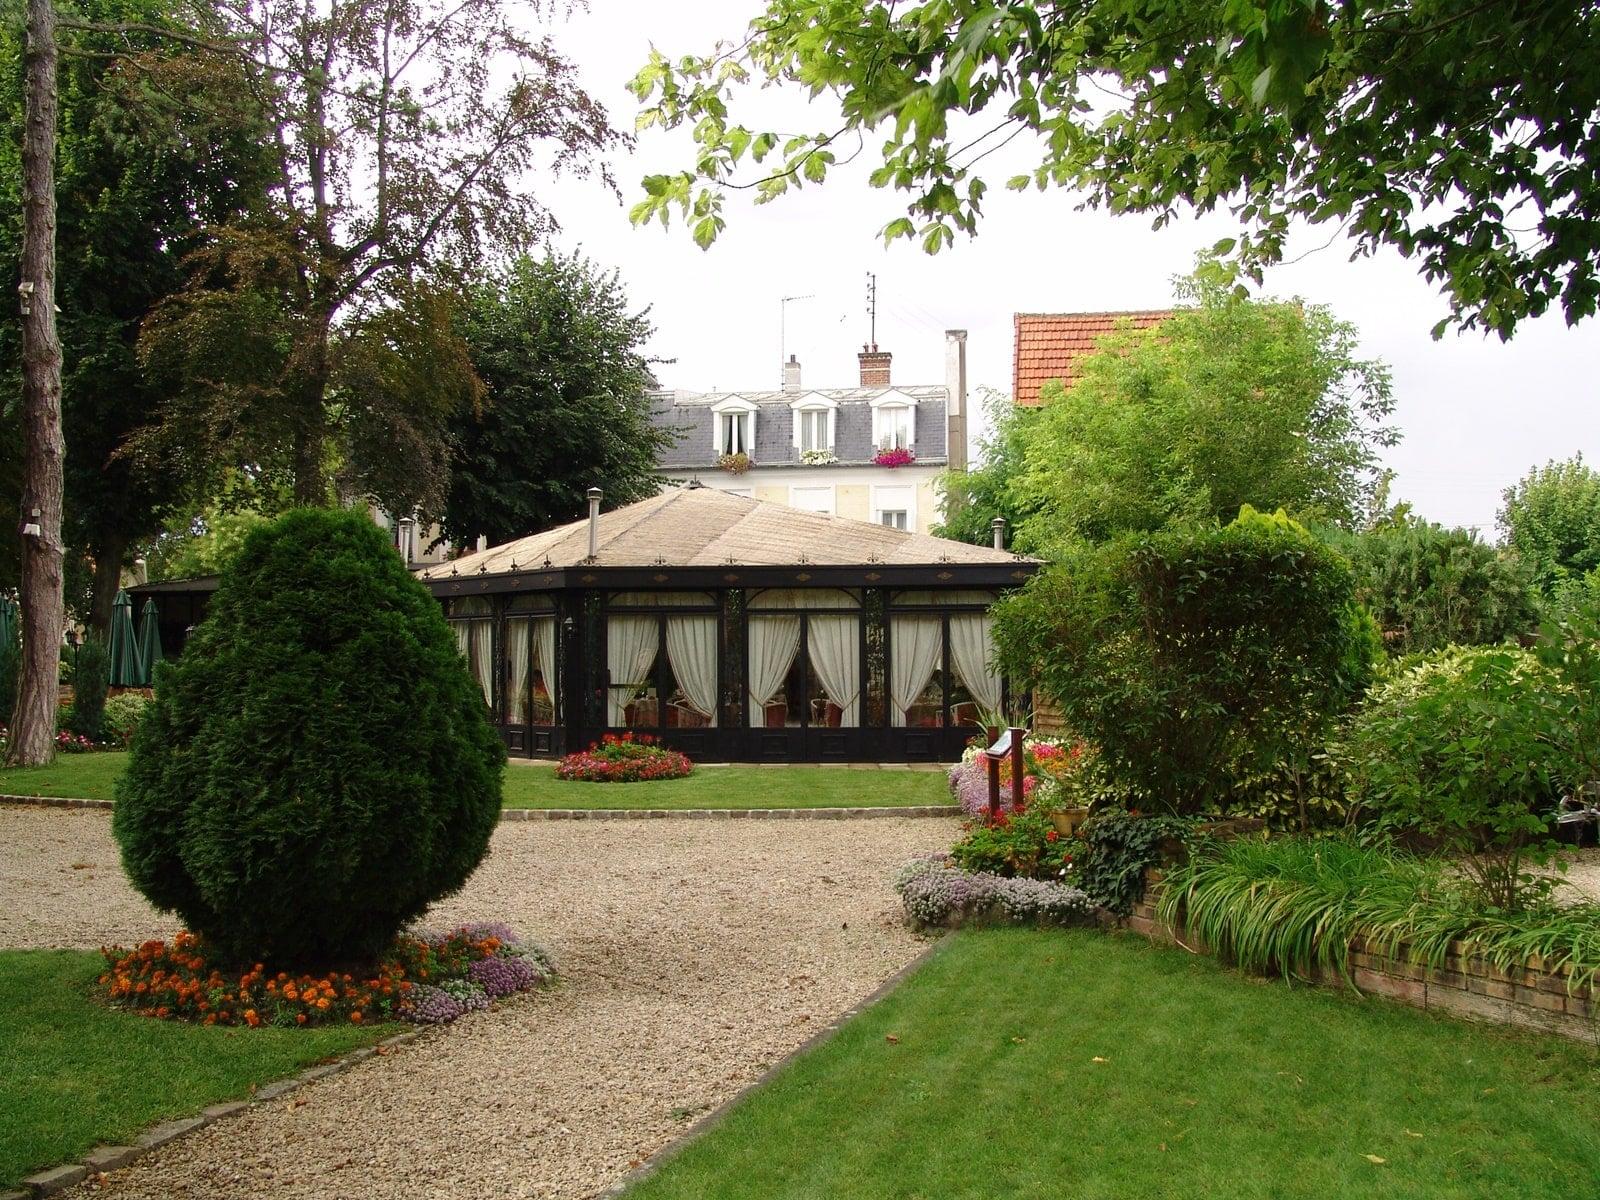 Chateau-des-iles-1